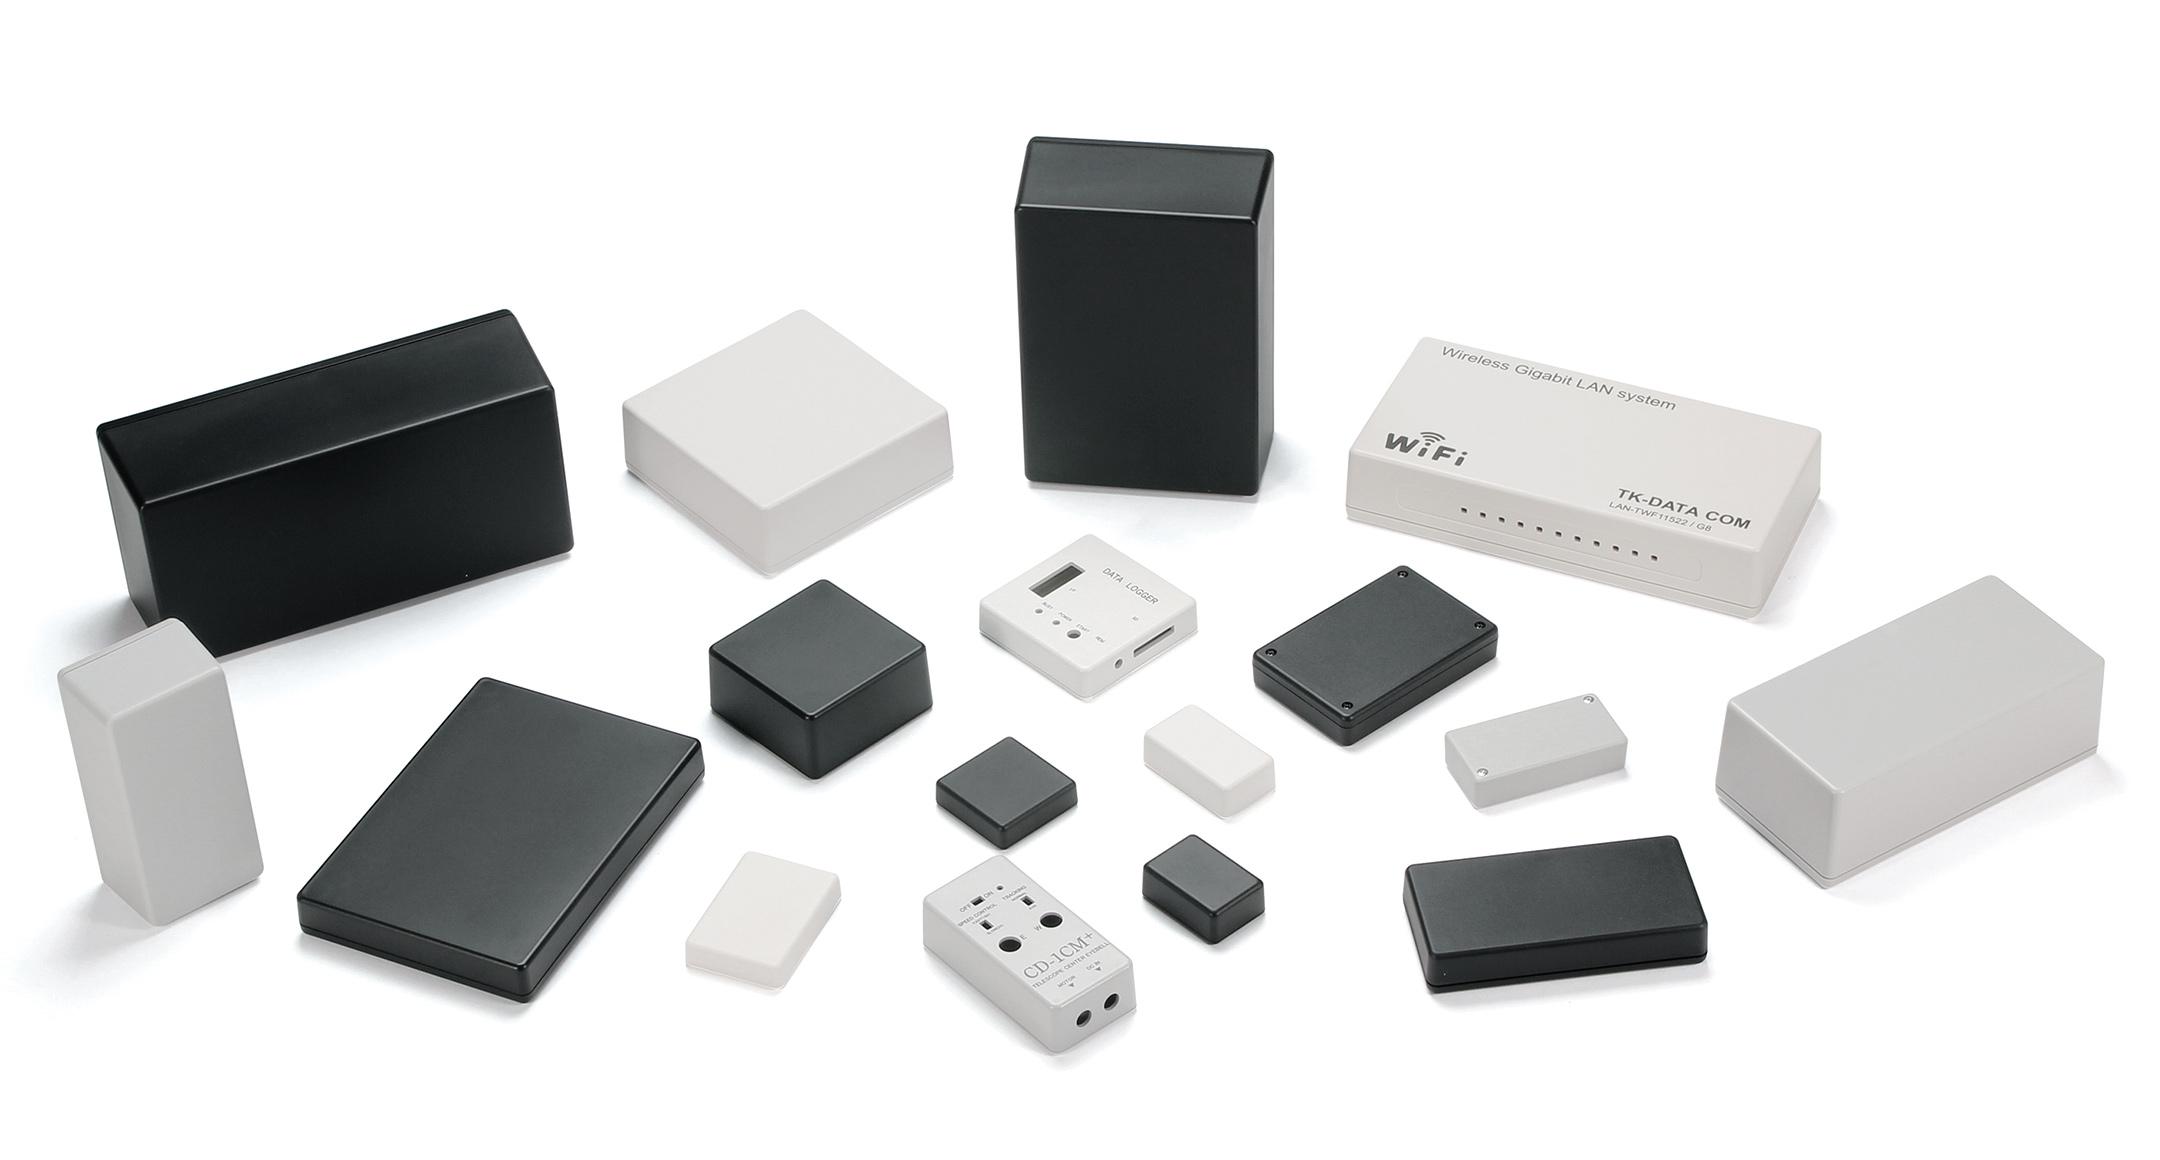 プラスチックケース 汎用・低価格型 TWシリーズ・難燃型 TWNシリーズの画像